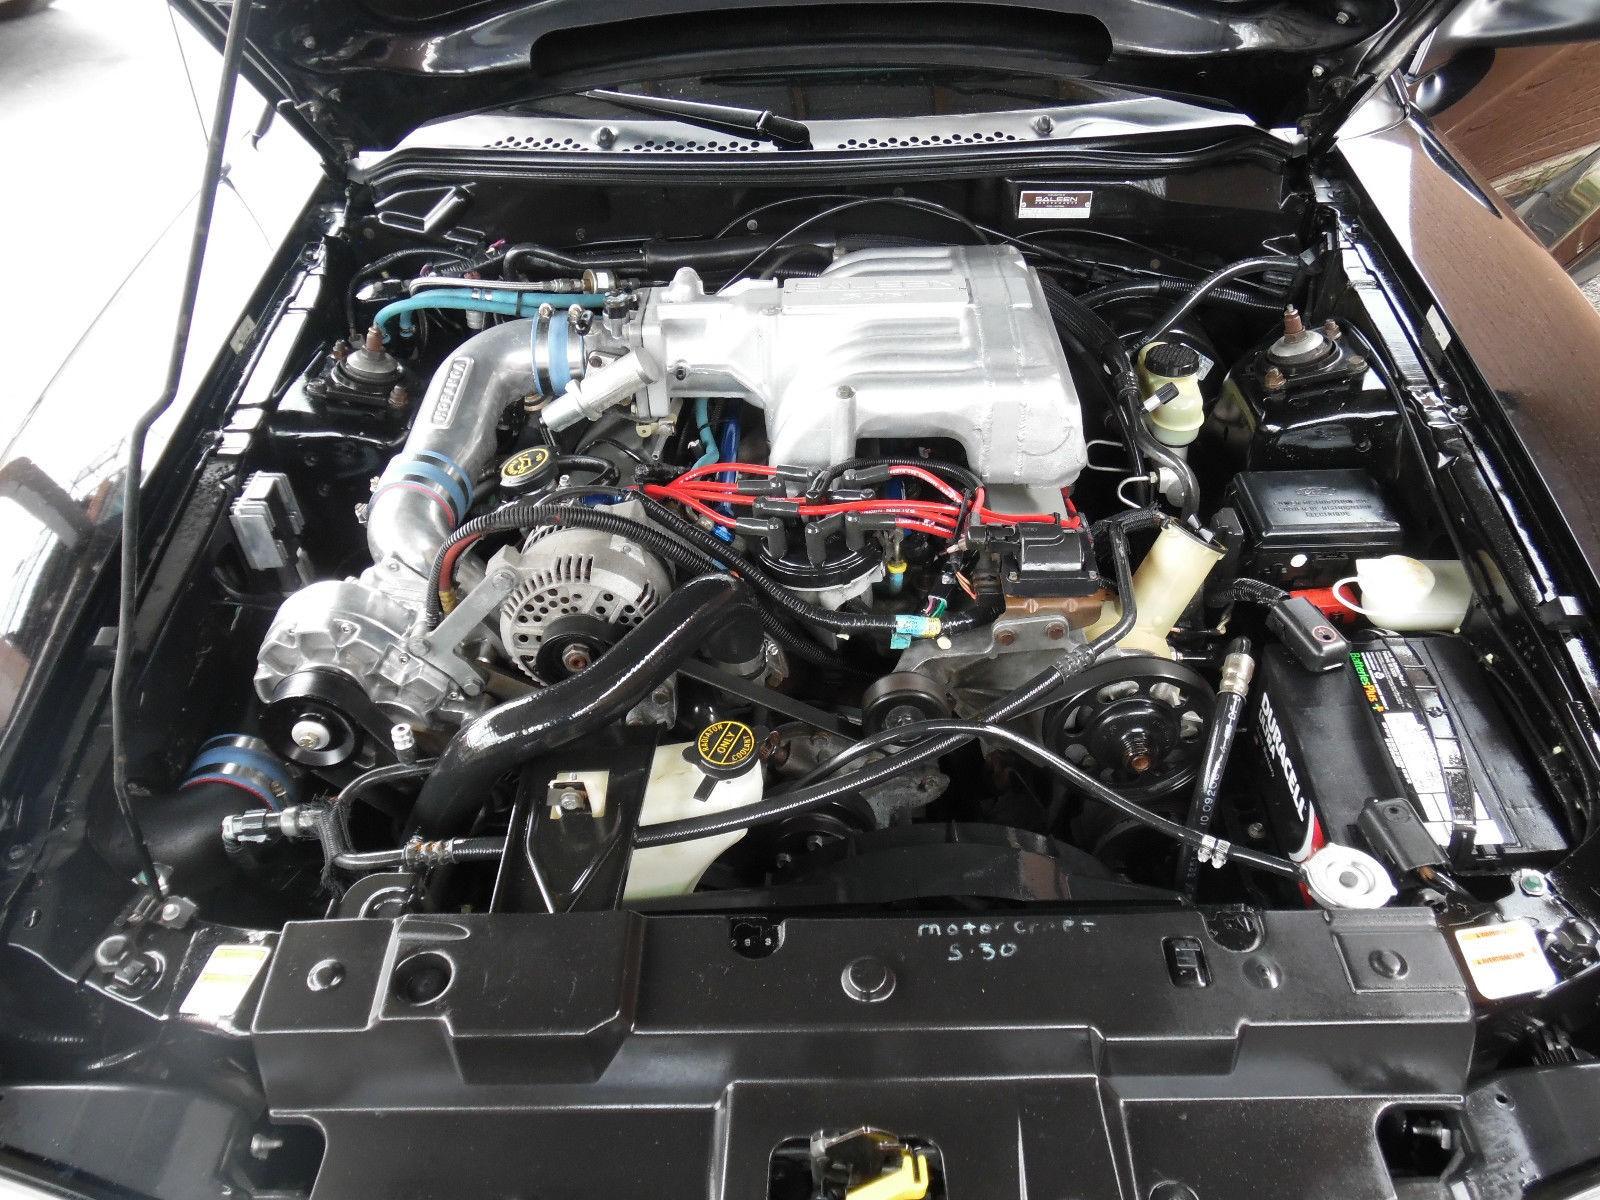 97-0027 S351 Speedster